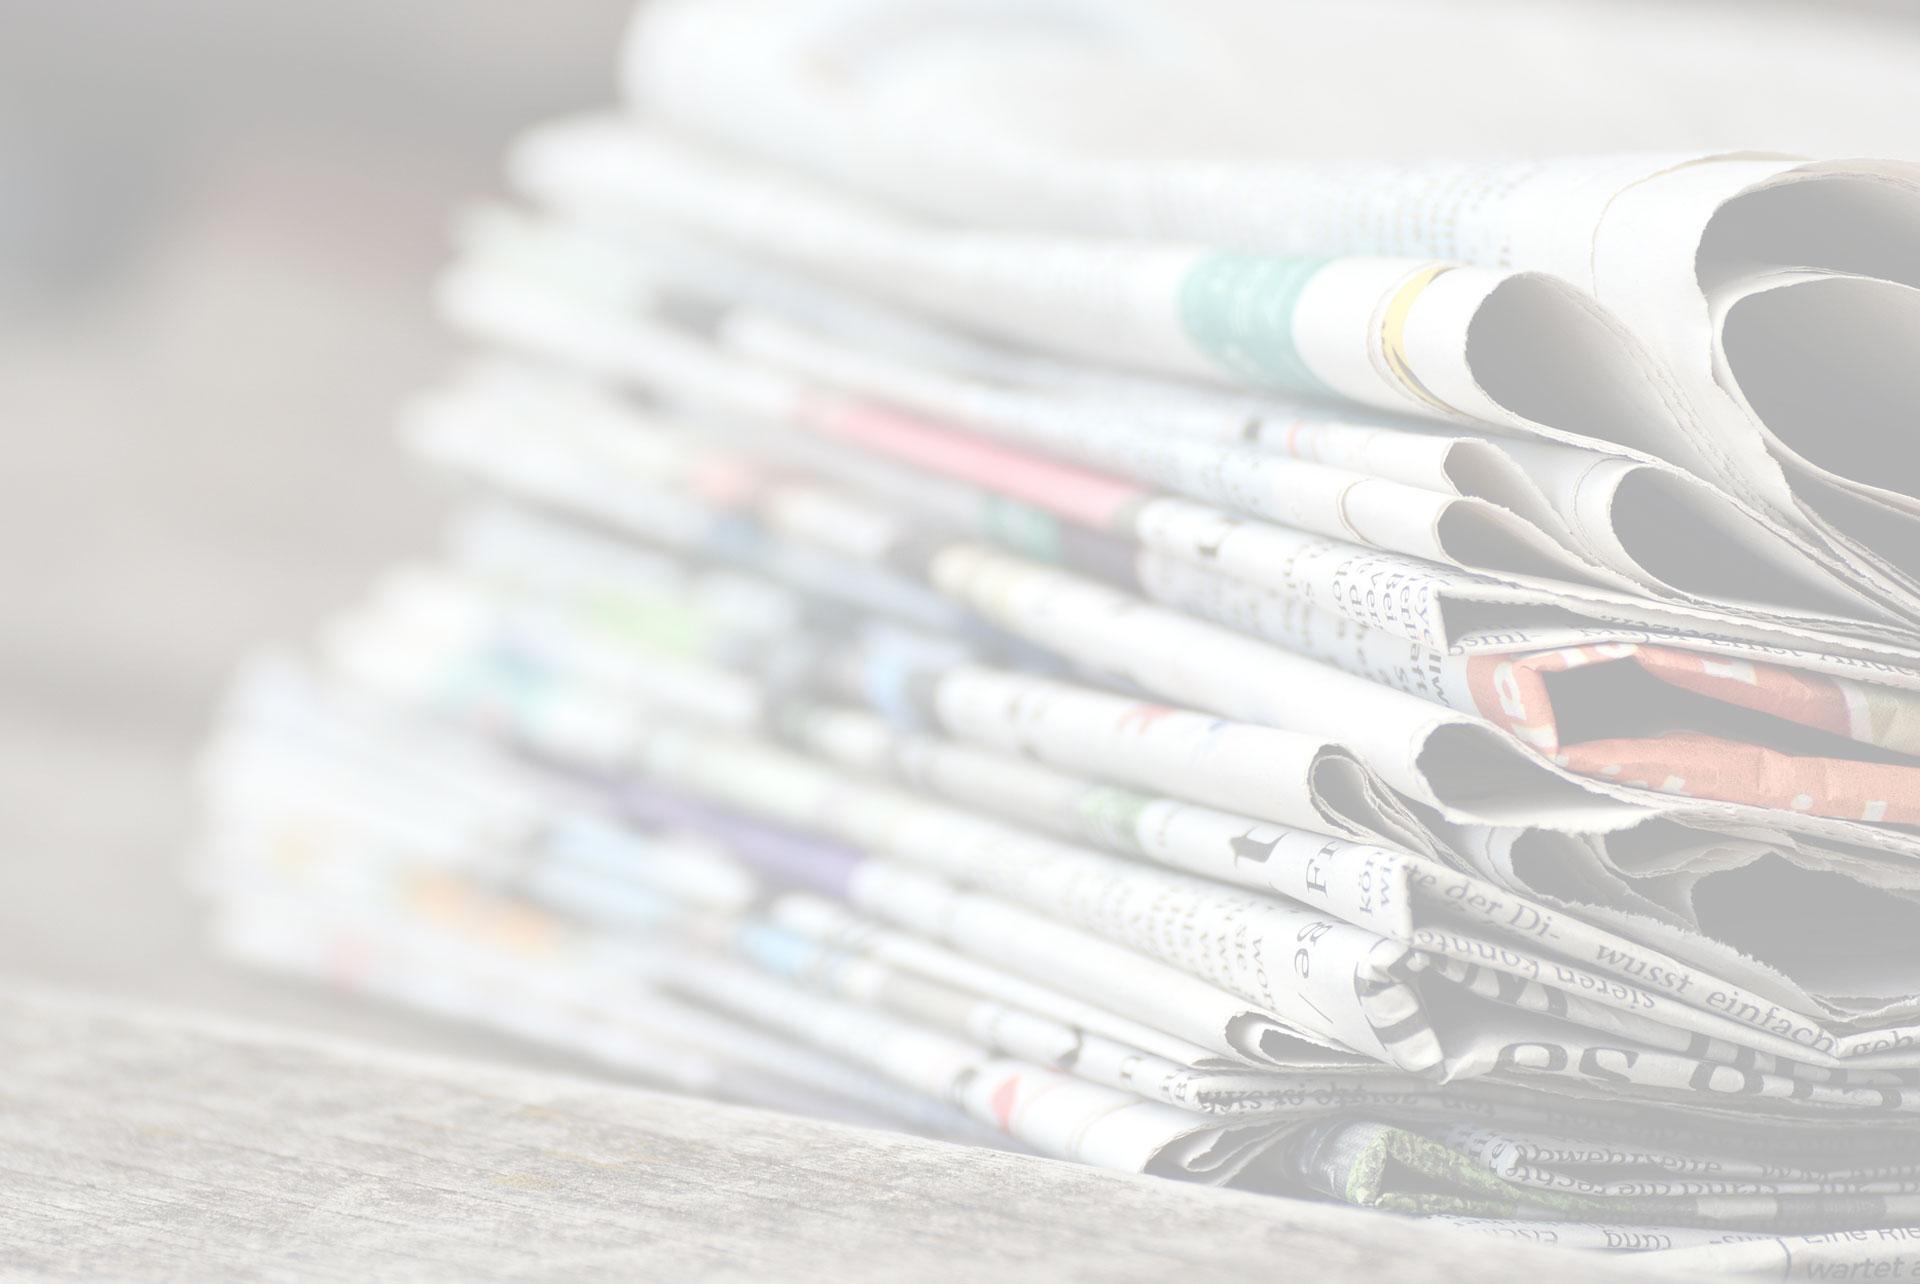 Aeroporto Kayseri